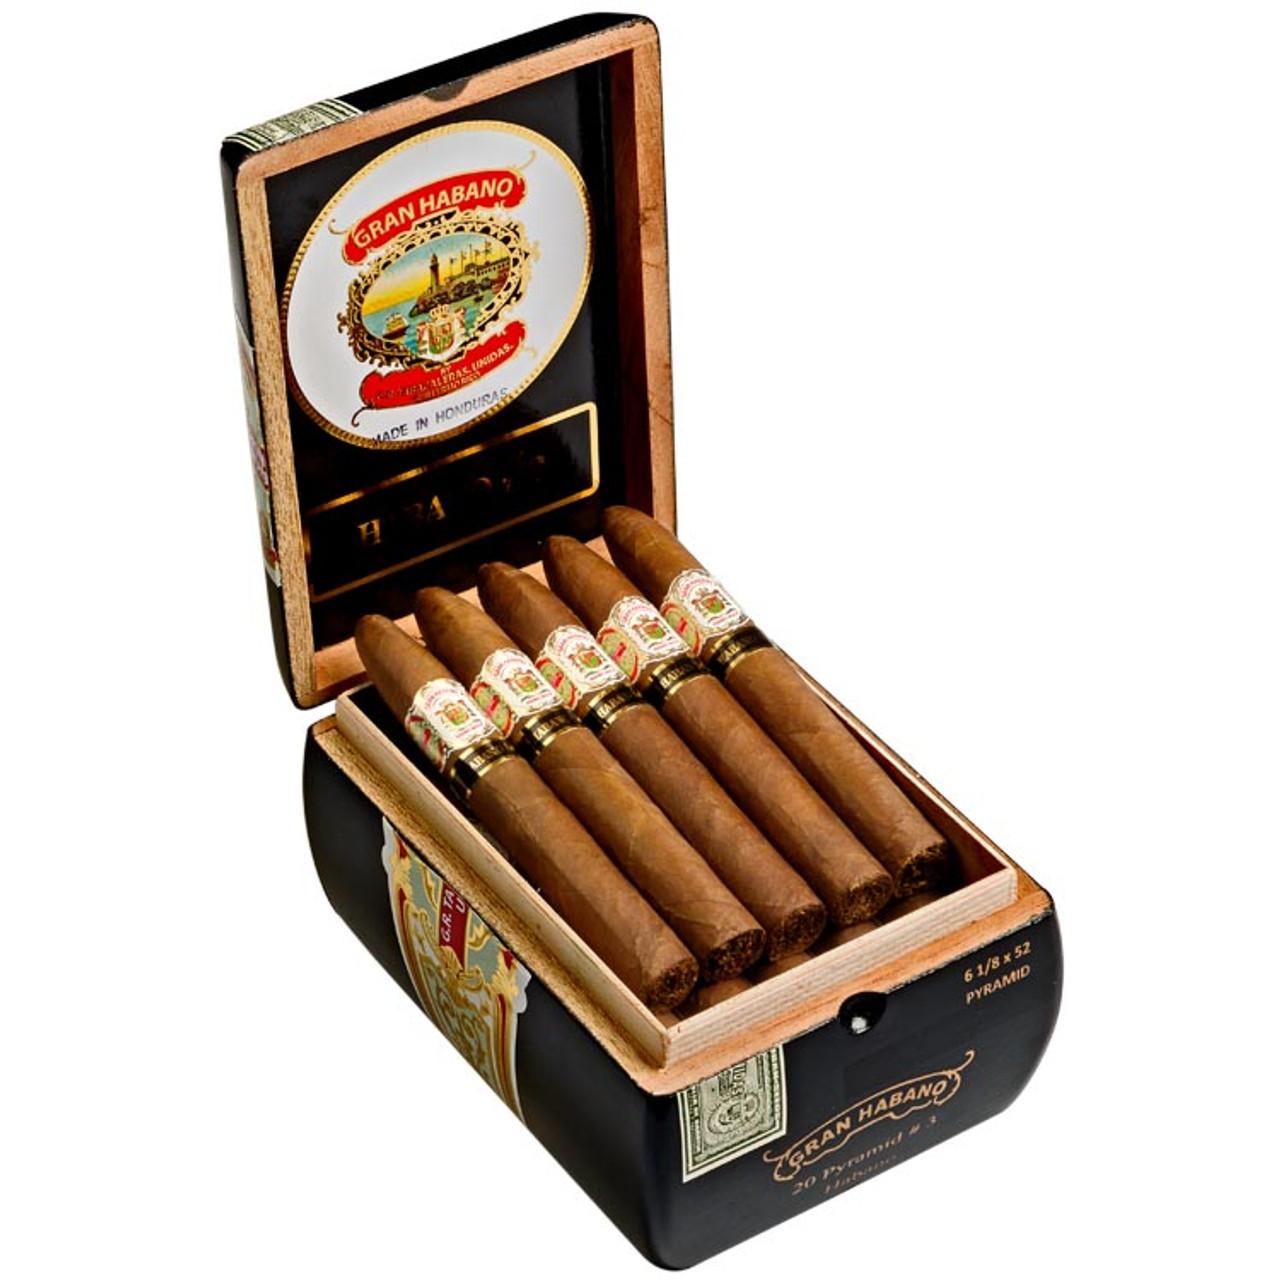 Gran Habano #3 Habano Pyramid Cigars - 6.12 x 52 (Box of 20)